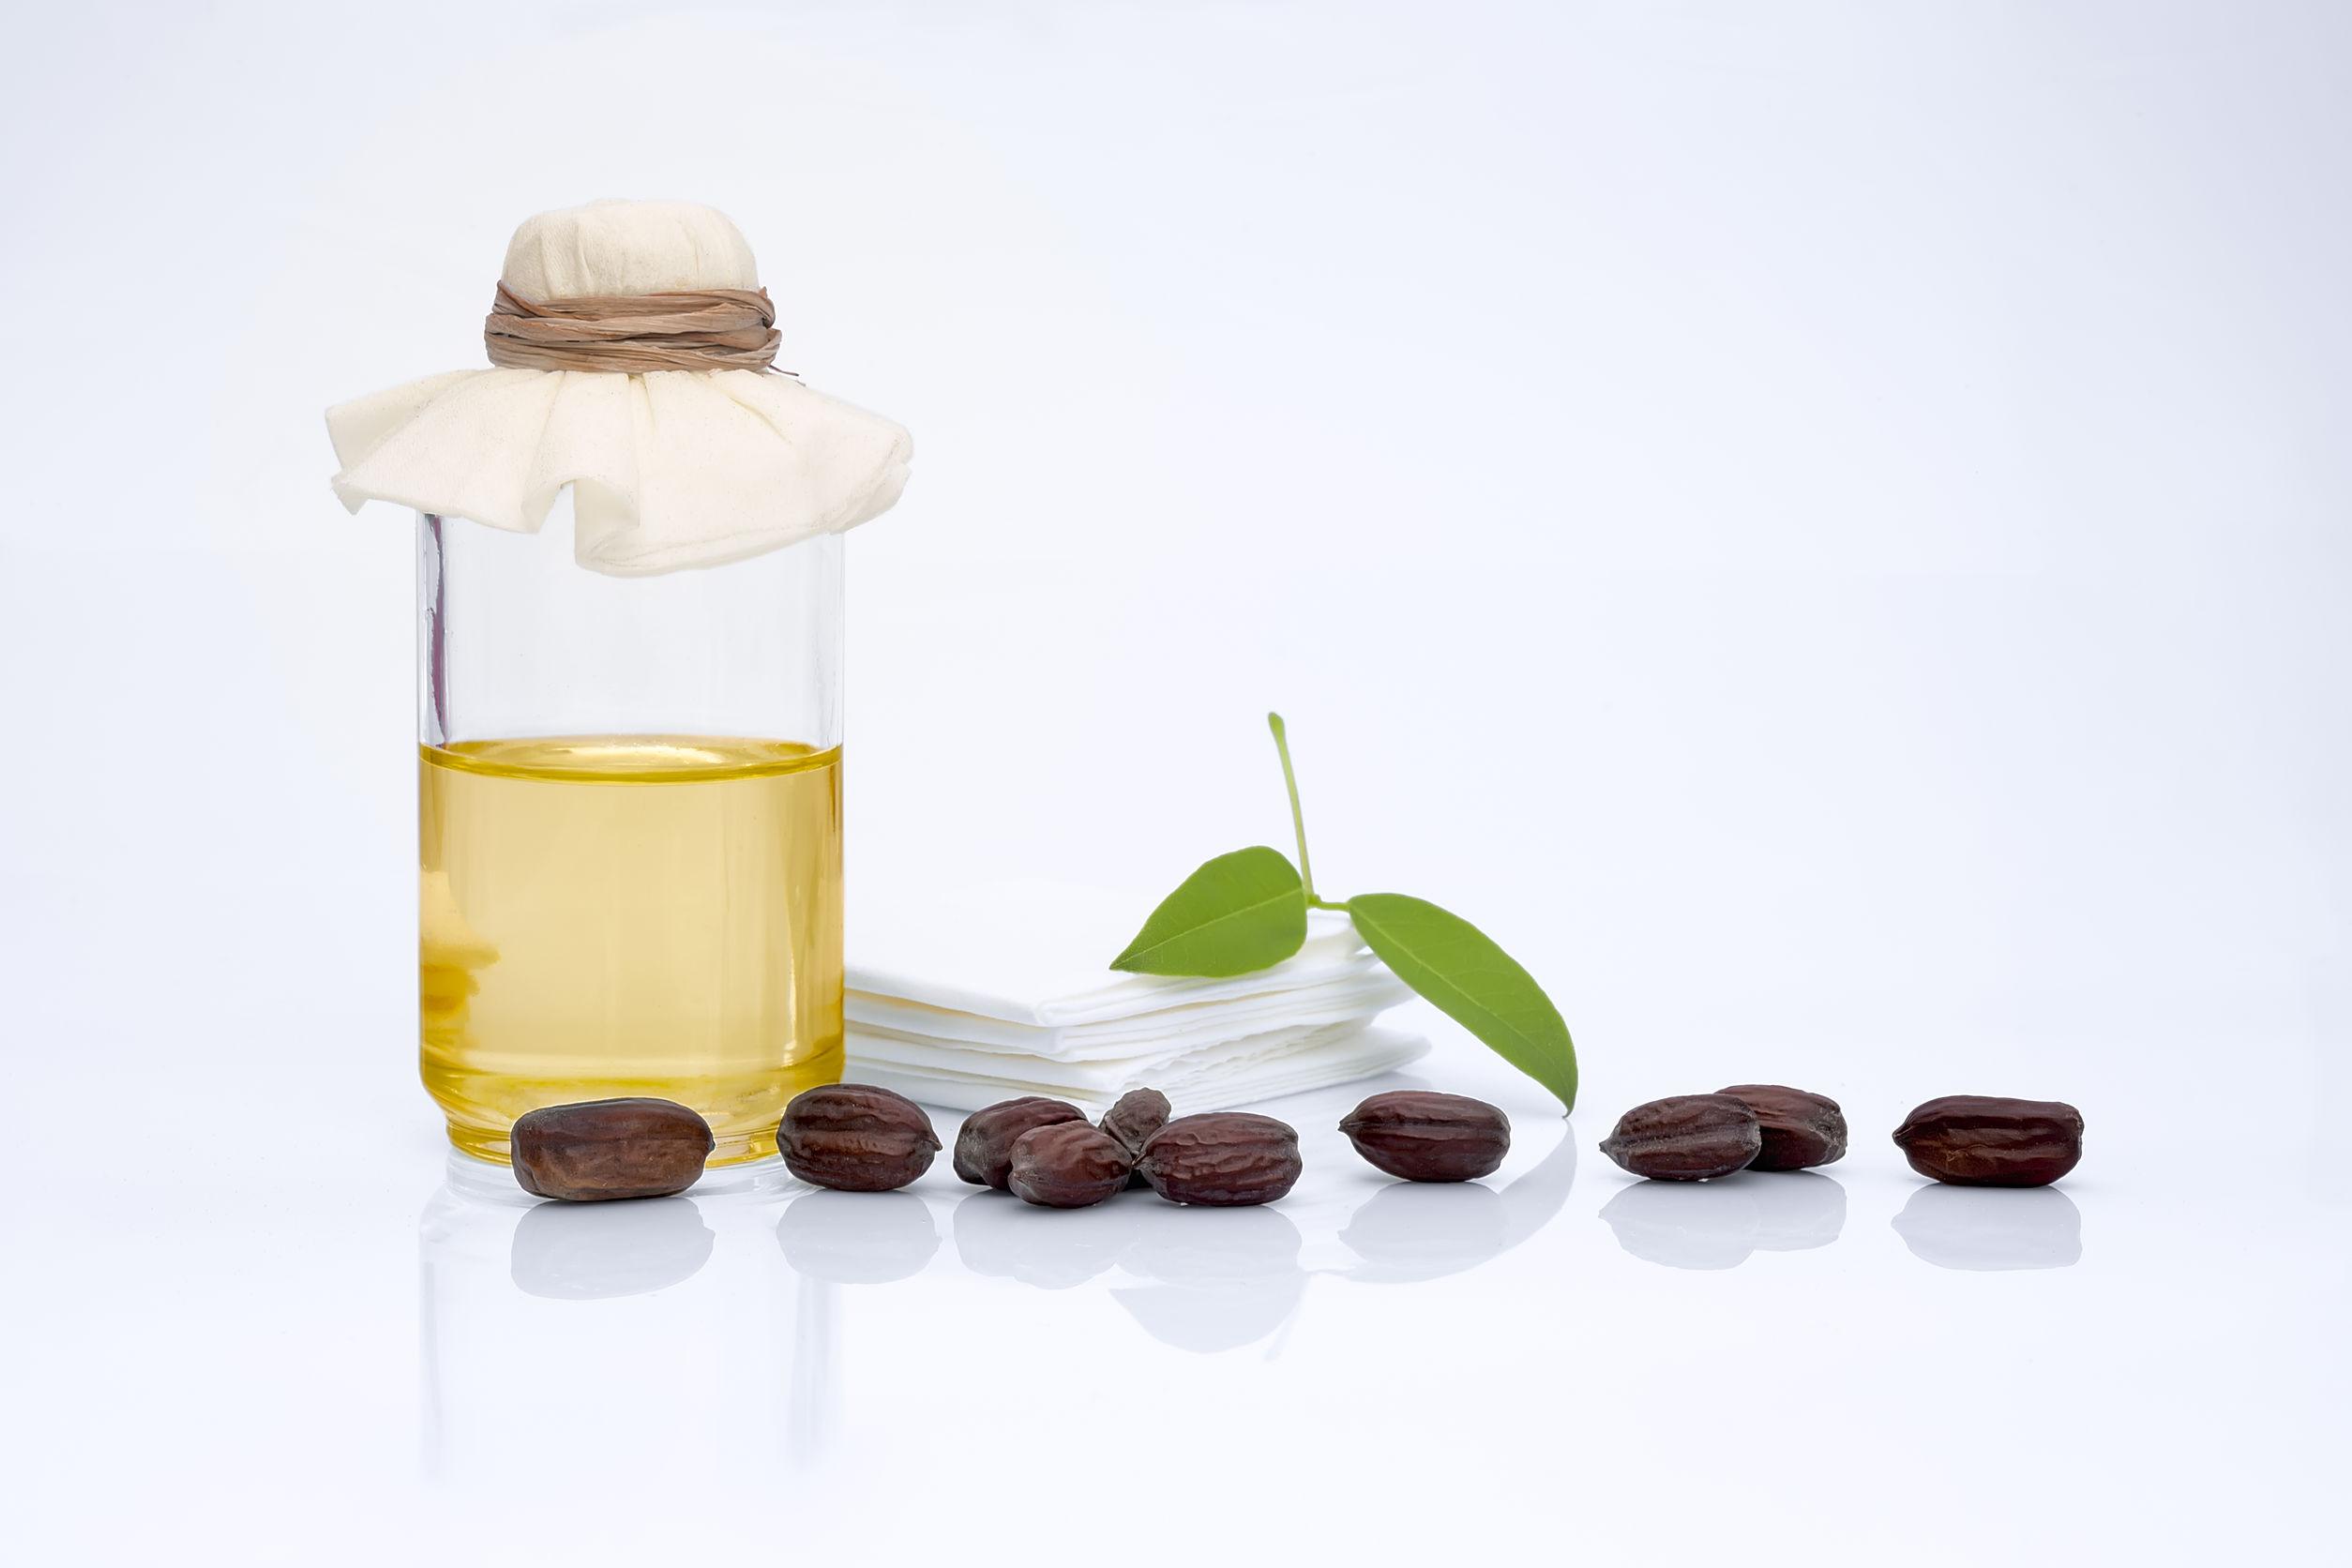 Foto de um vidro com óleo de jojoba, ao lado de grãos de jojoba, folhas e o que parecem ser toalhinhas brancas.